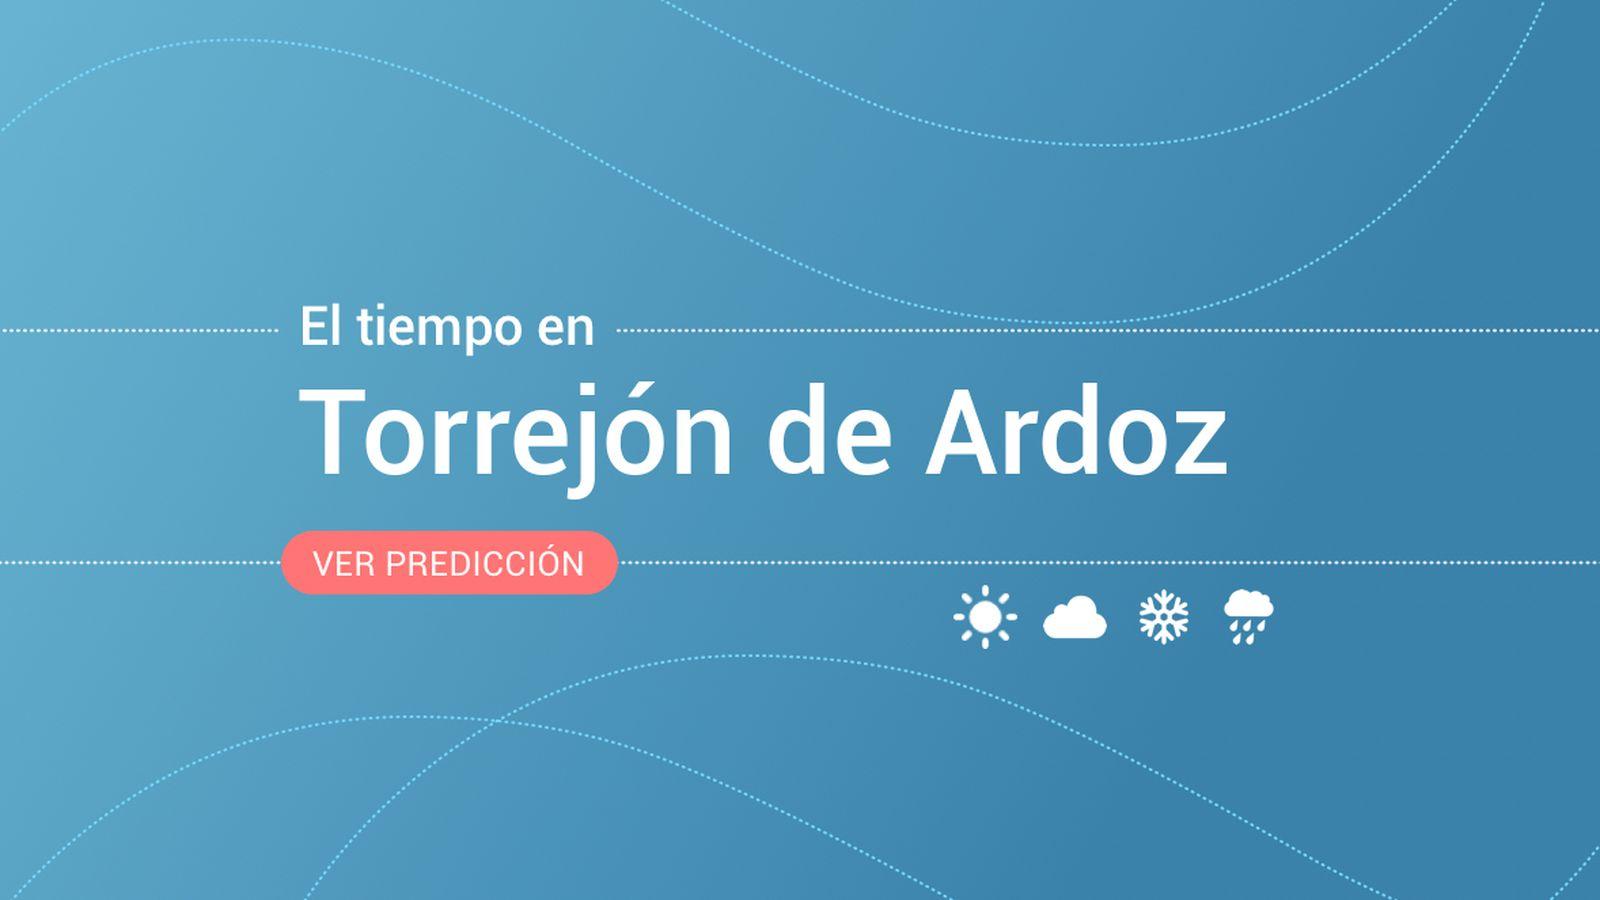 Foto: El tiempo en Torrejón de Ardoz. (EC)